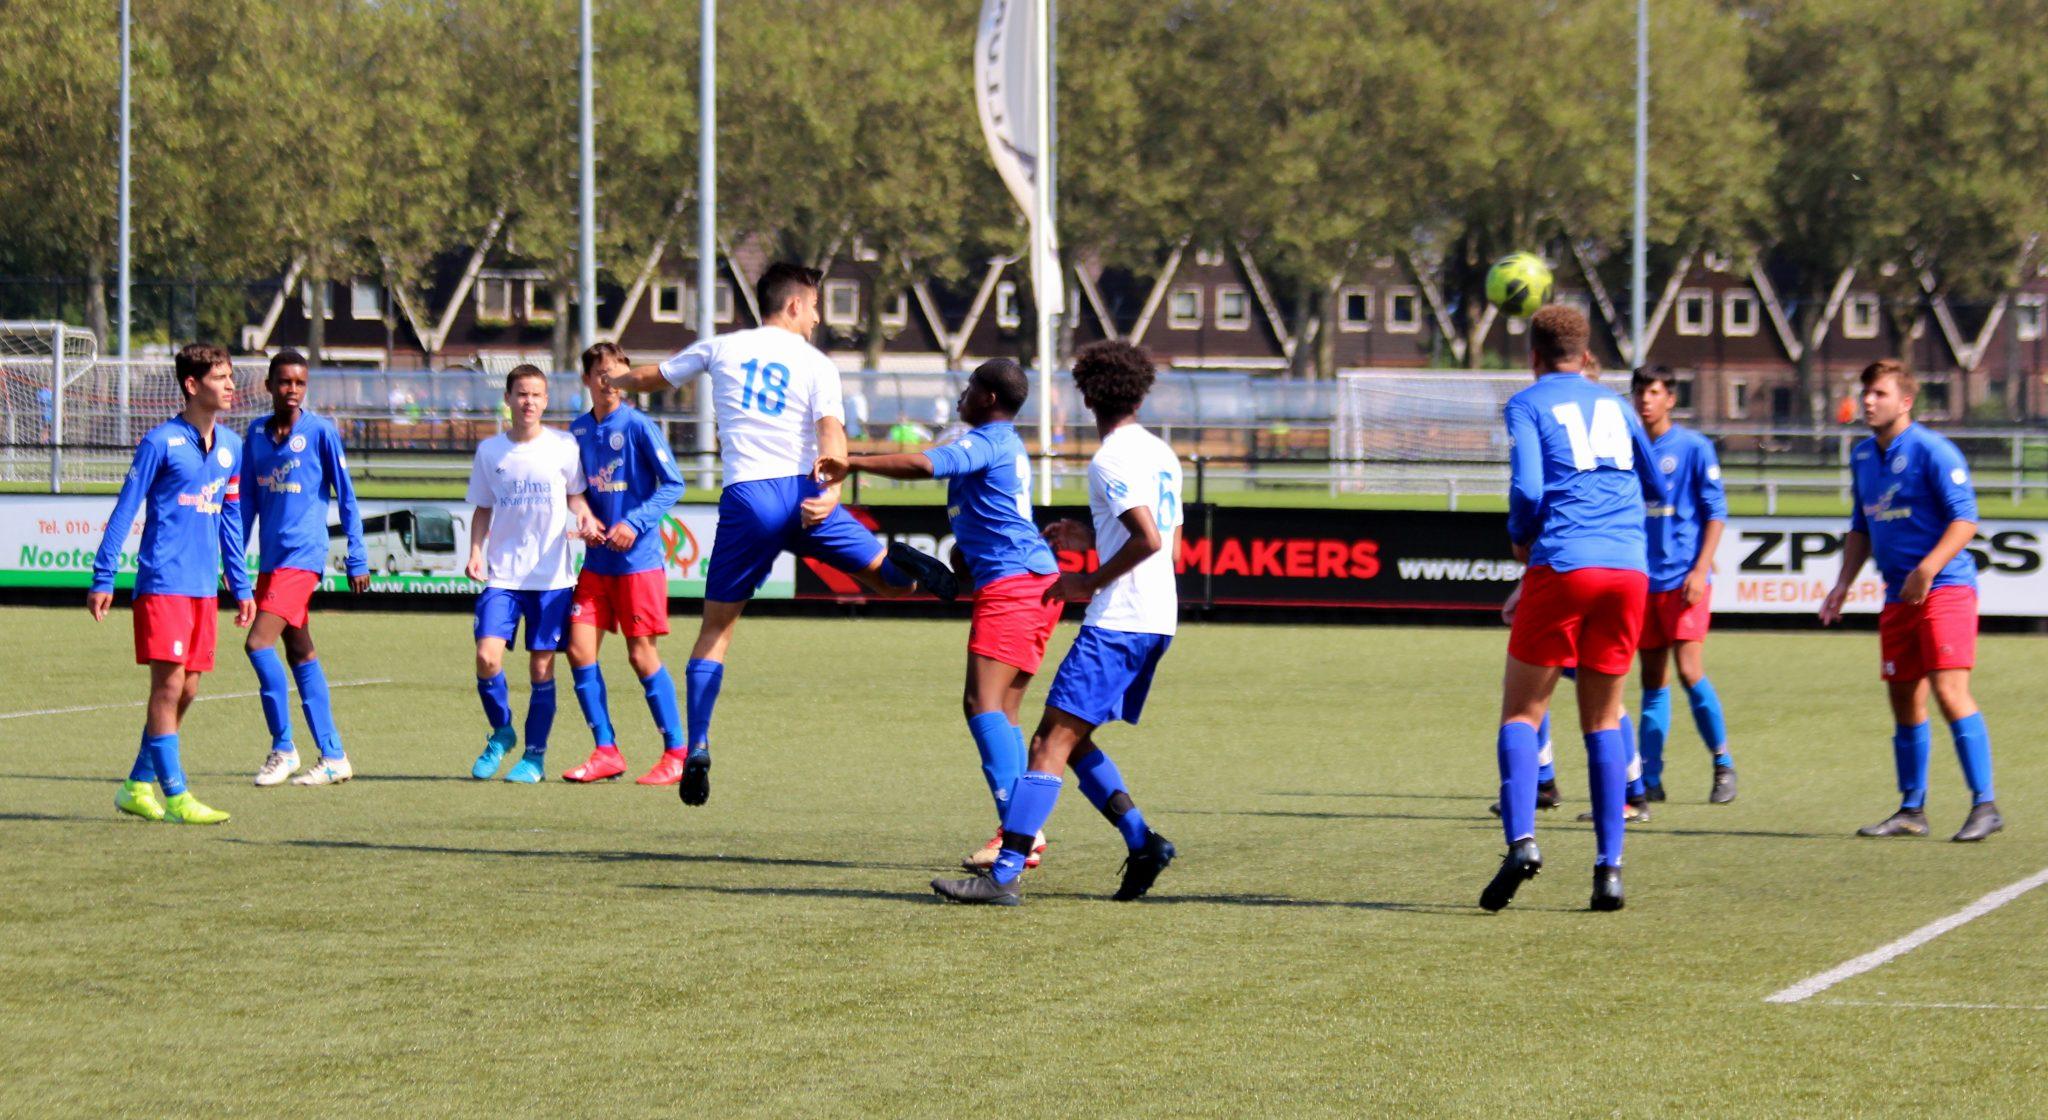 Fotoreportage: XerxesDZB JO17-1 wint van IJVV de Zwervers